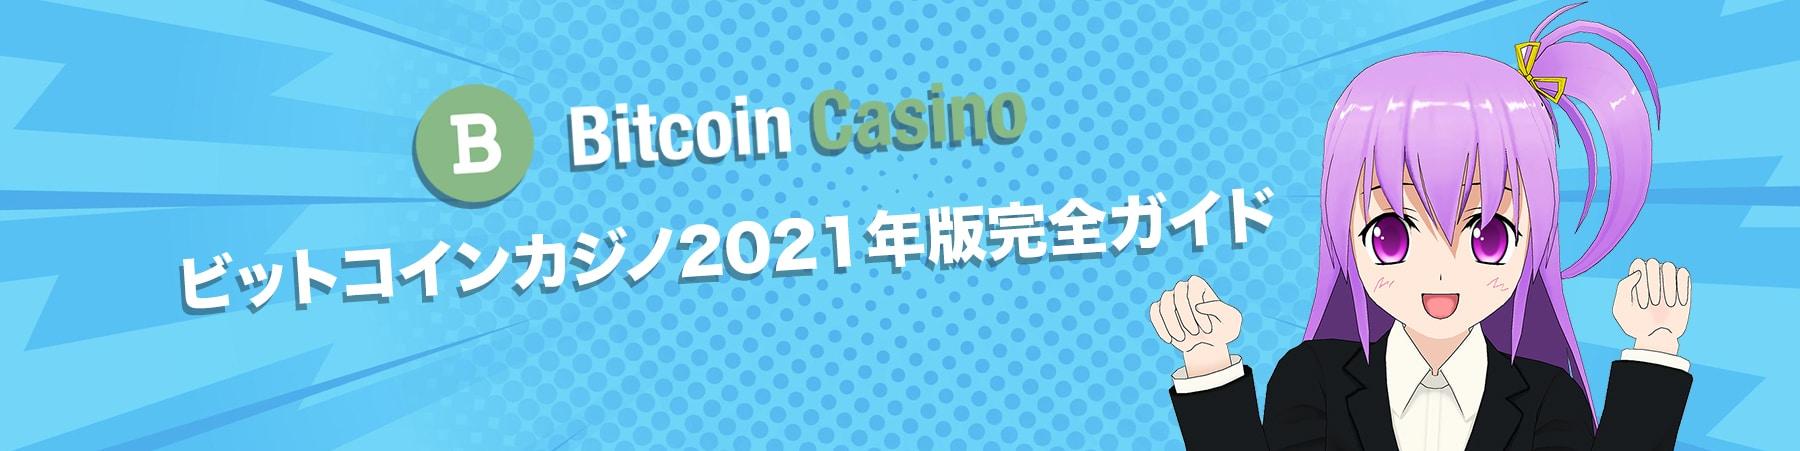 ビットコインカジノ2021年版完全ガイド